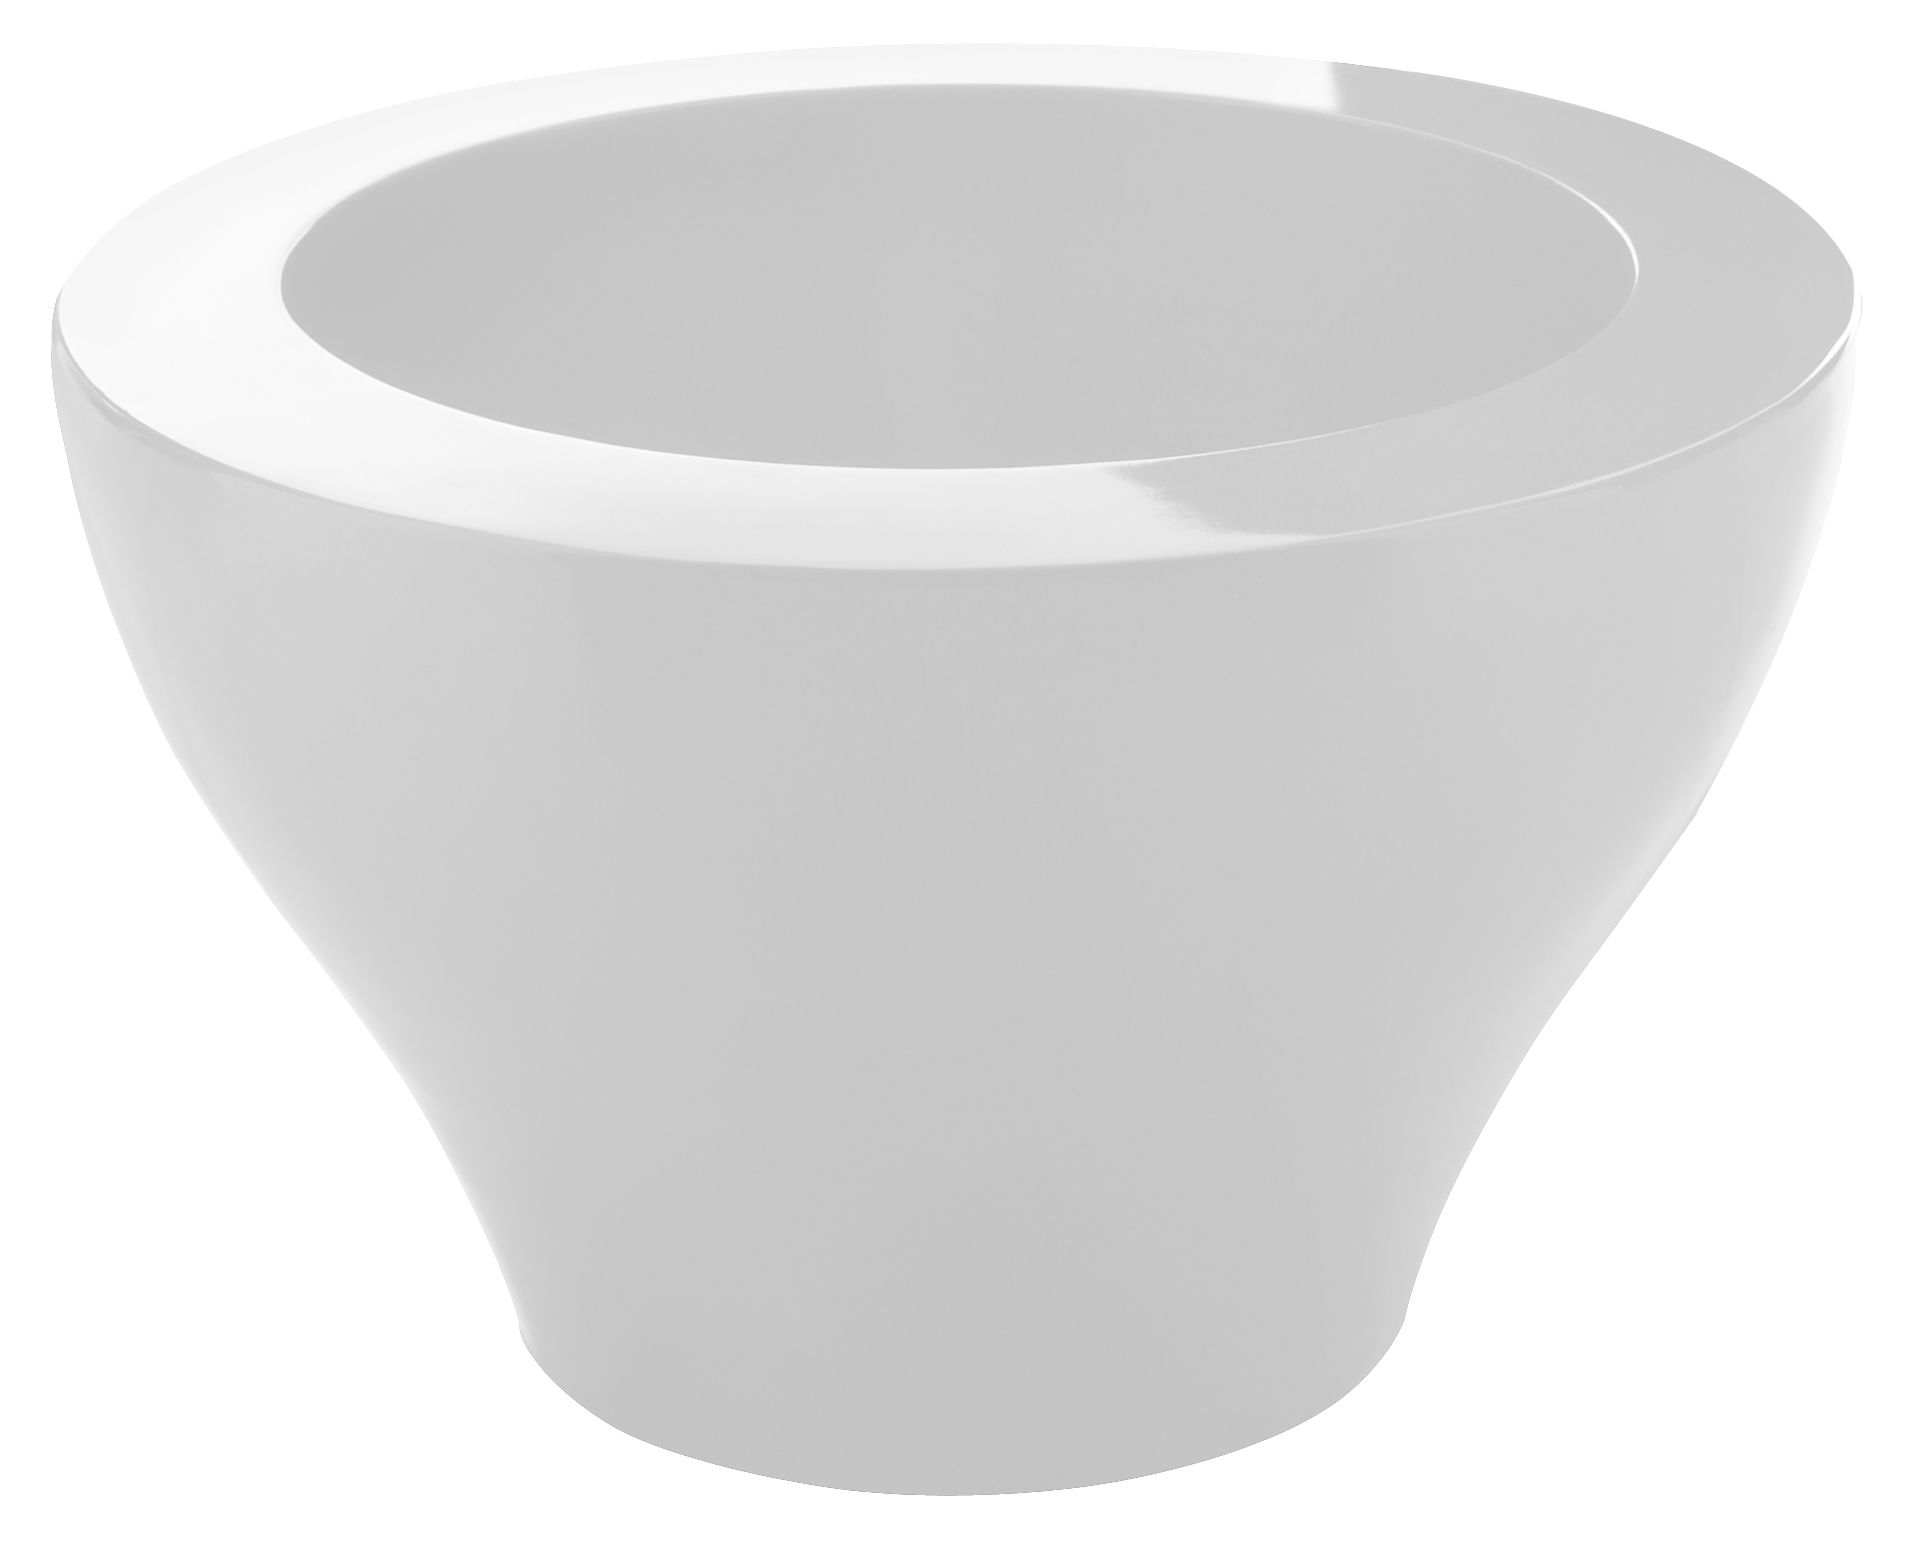 Outdoor - Vasi e Piante - Vaso per fiori Ming large di Serralunga - Bianco - Polietilene